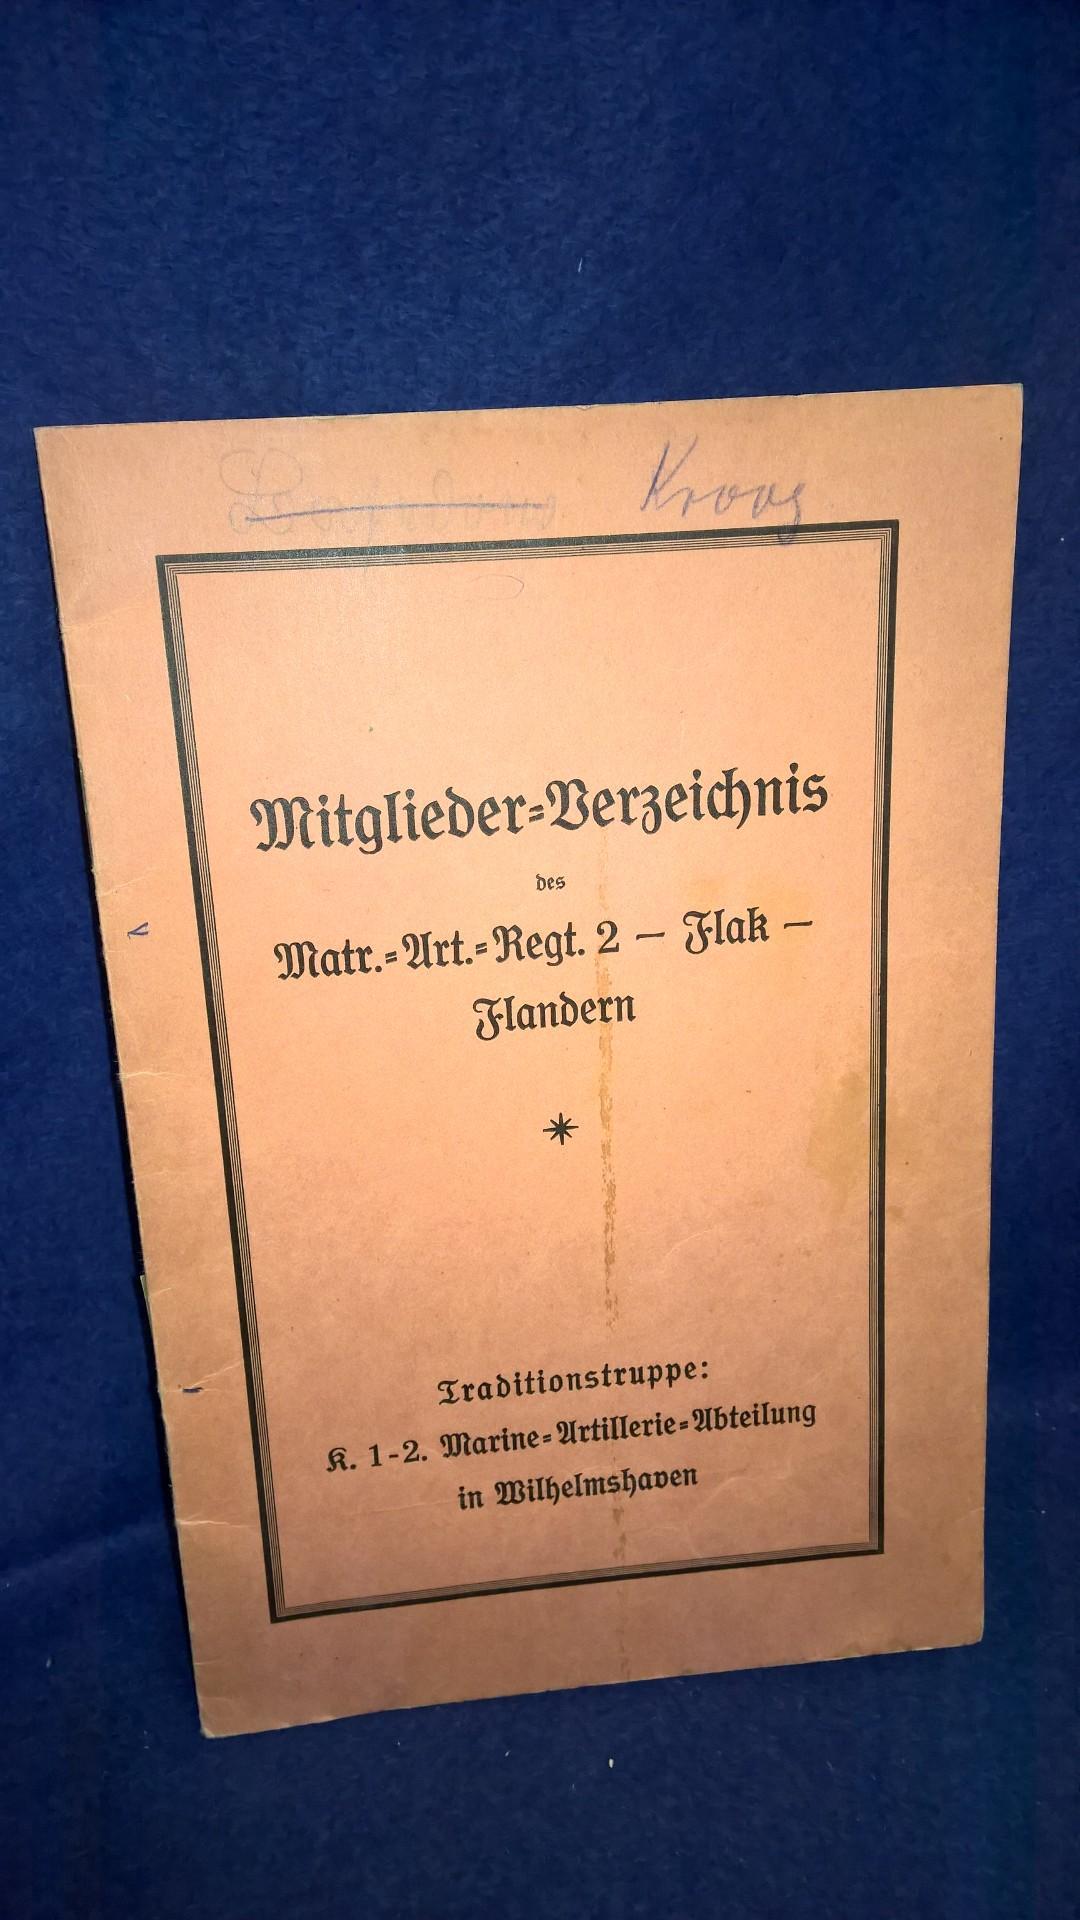 Mitglieder-Verzeichnis des Matrosen-Artillerie-Regiments 2 - Flak - Flandern. Selten!